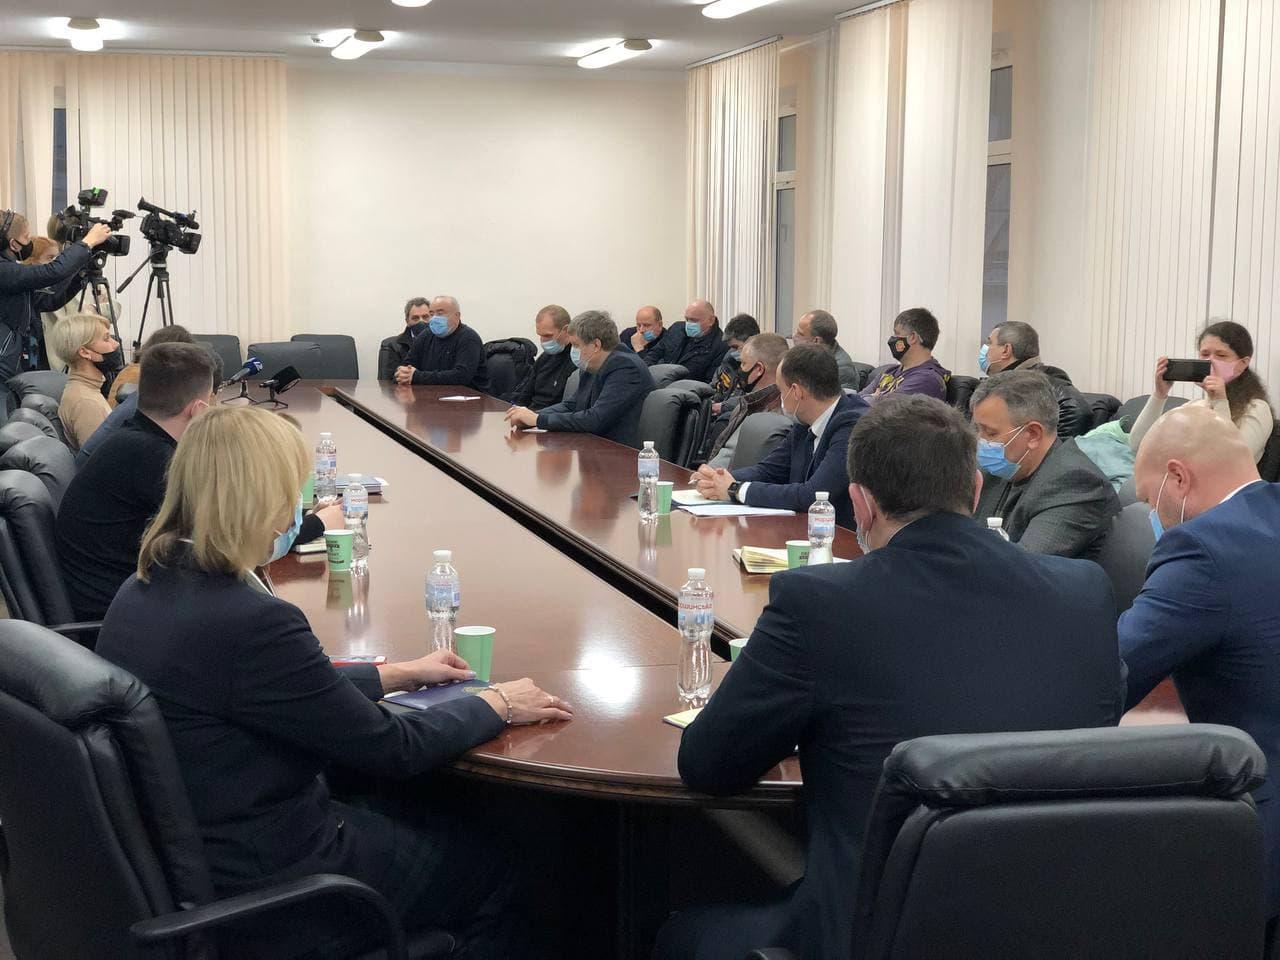 Нарада за участю керівництва порту, трудового колективу ДП «Одеський порт» та  представників ЗМІ